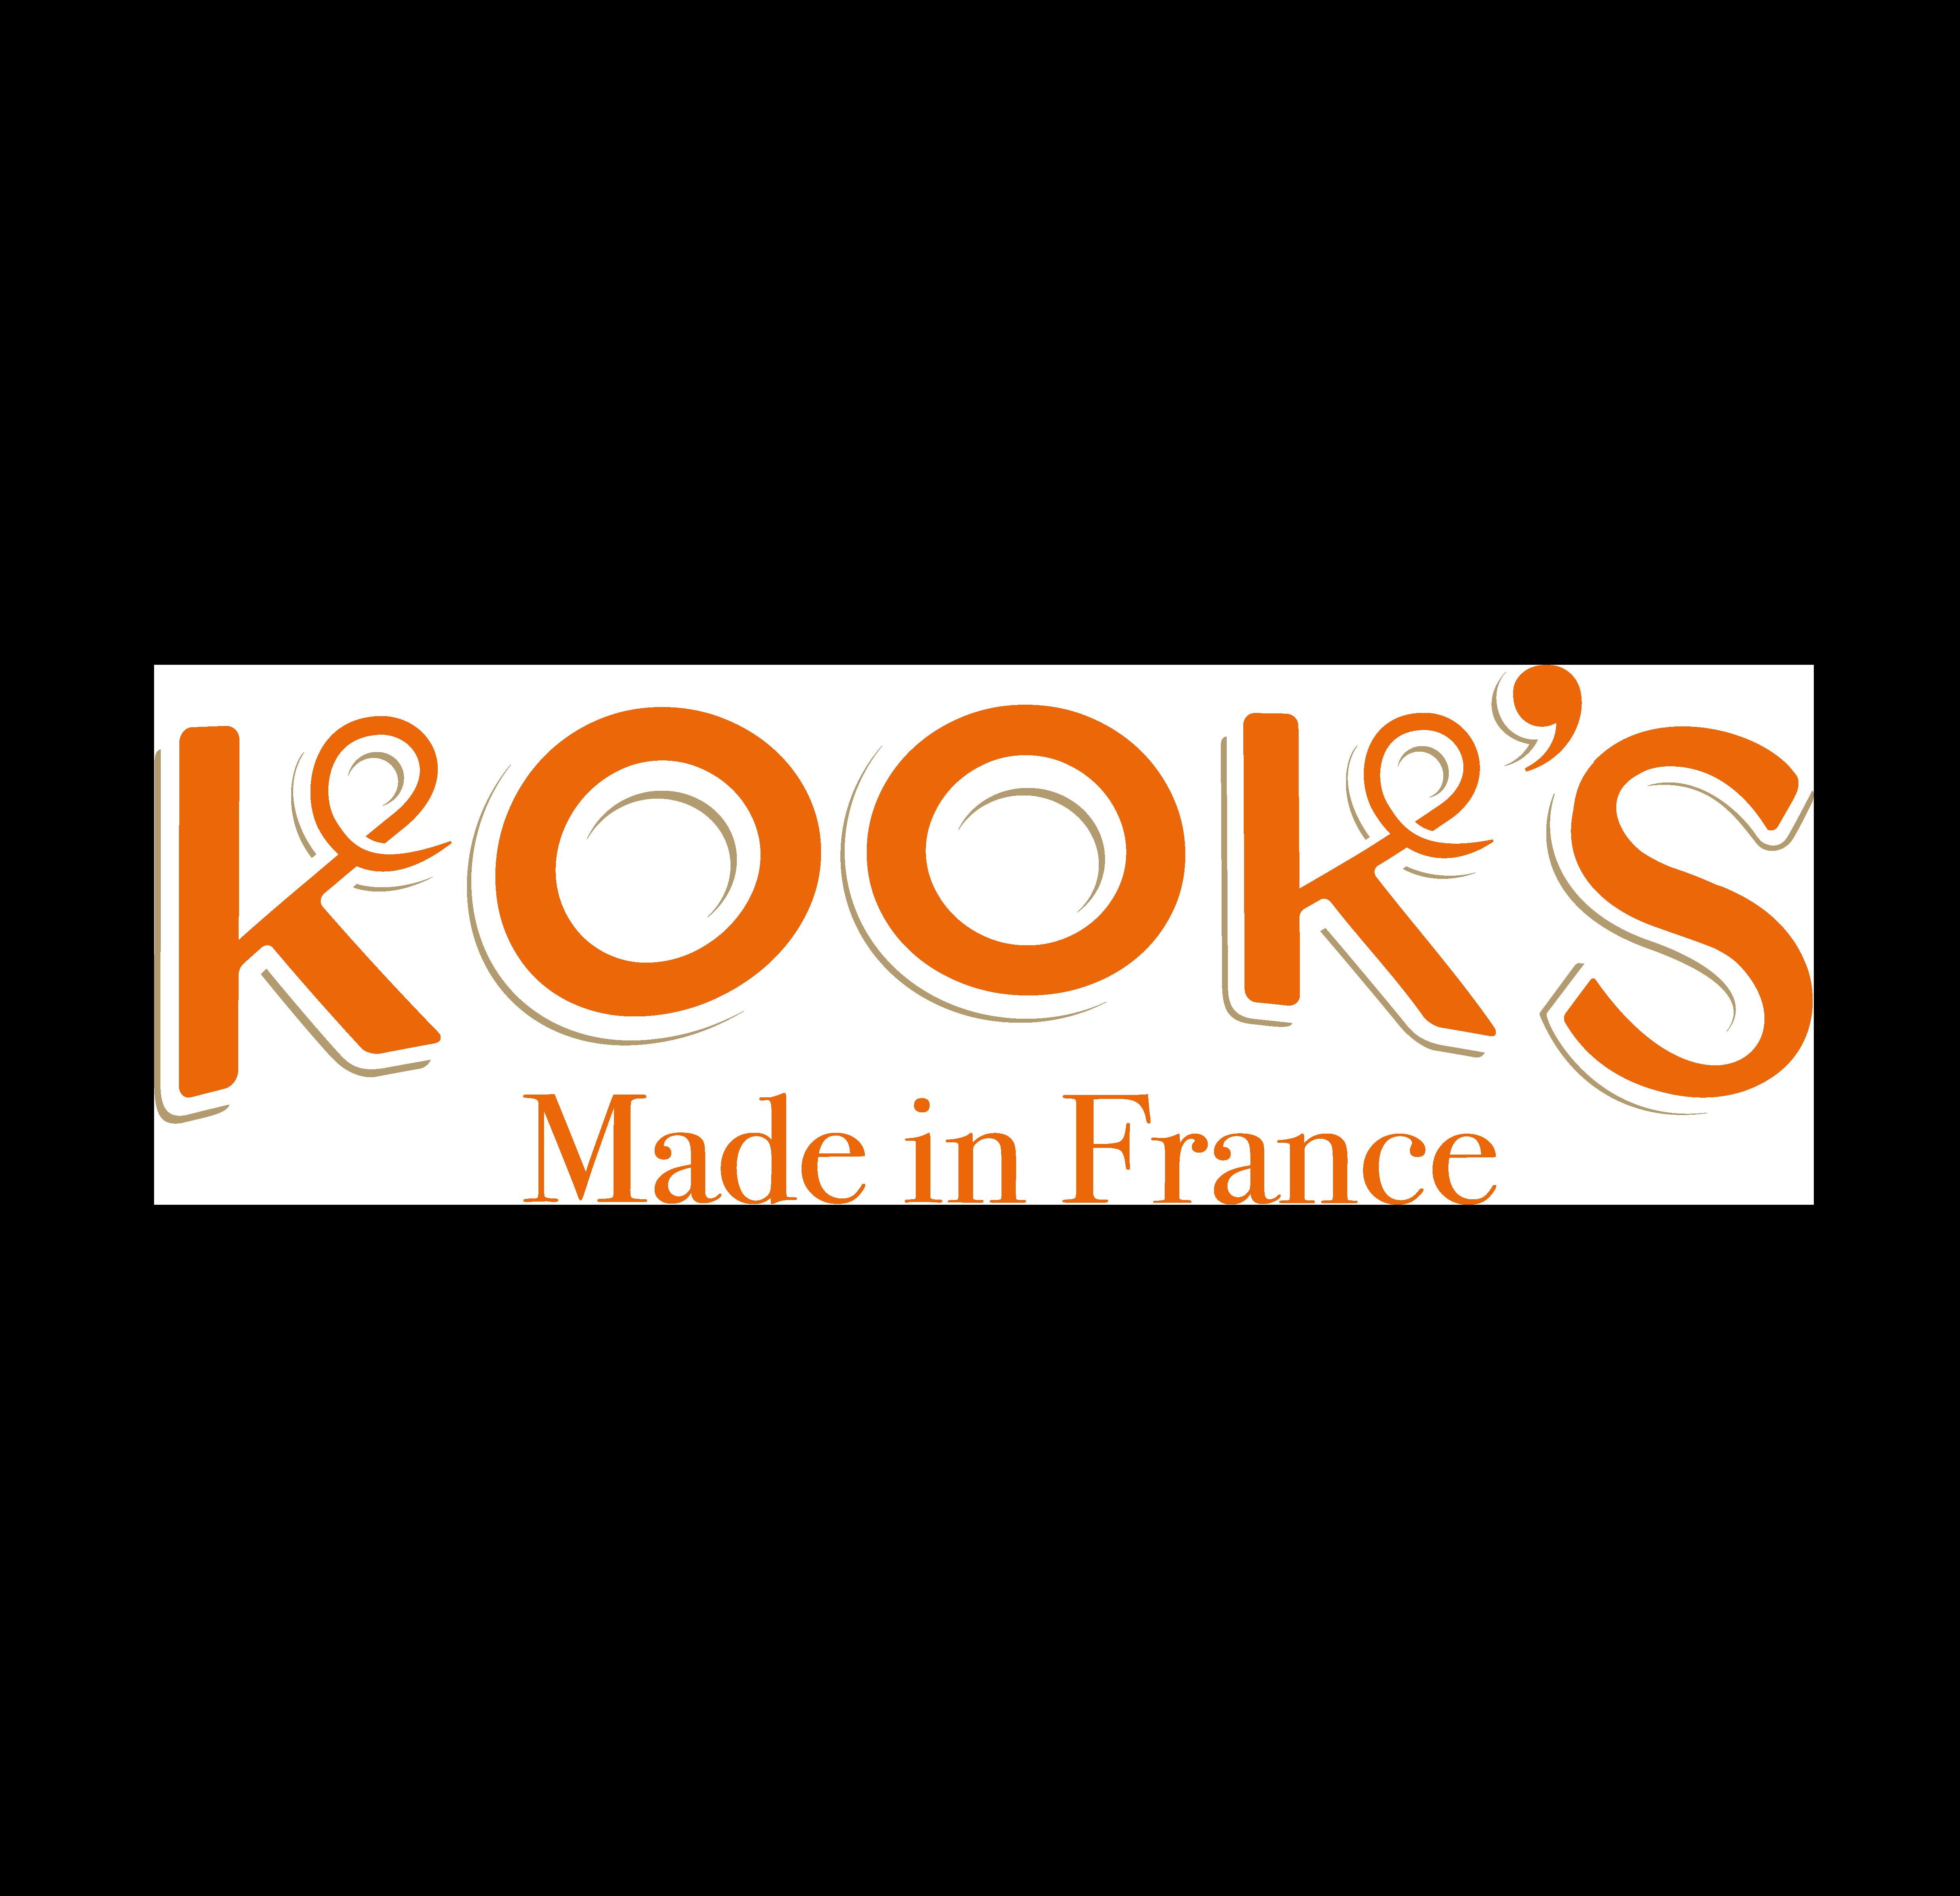 KOOK'S